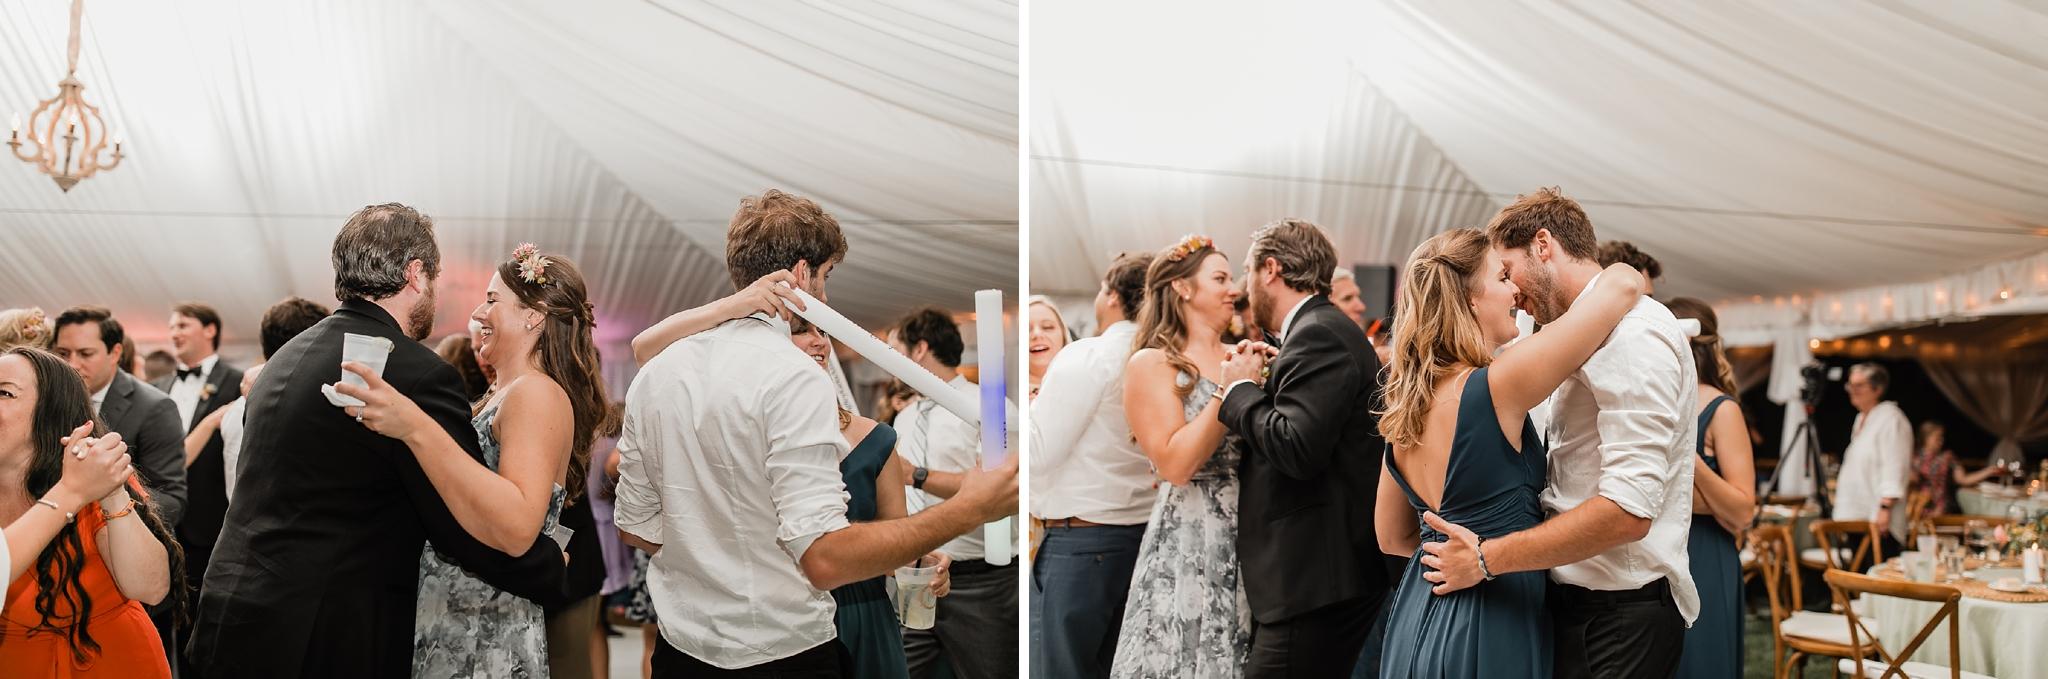 Alicia+lucia+photography+-+albuquerque+wedding+photographer+-+santa+fe+wedding+photography+-+new+mexico+wedding+photographer+-+new+mexico+wedding+-+las+campanas+wedding+-+santa+fe+wedding+-+maximalist+wedding+-+destination+wedding_0158.jpg